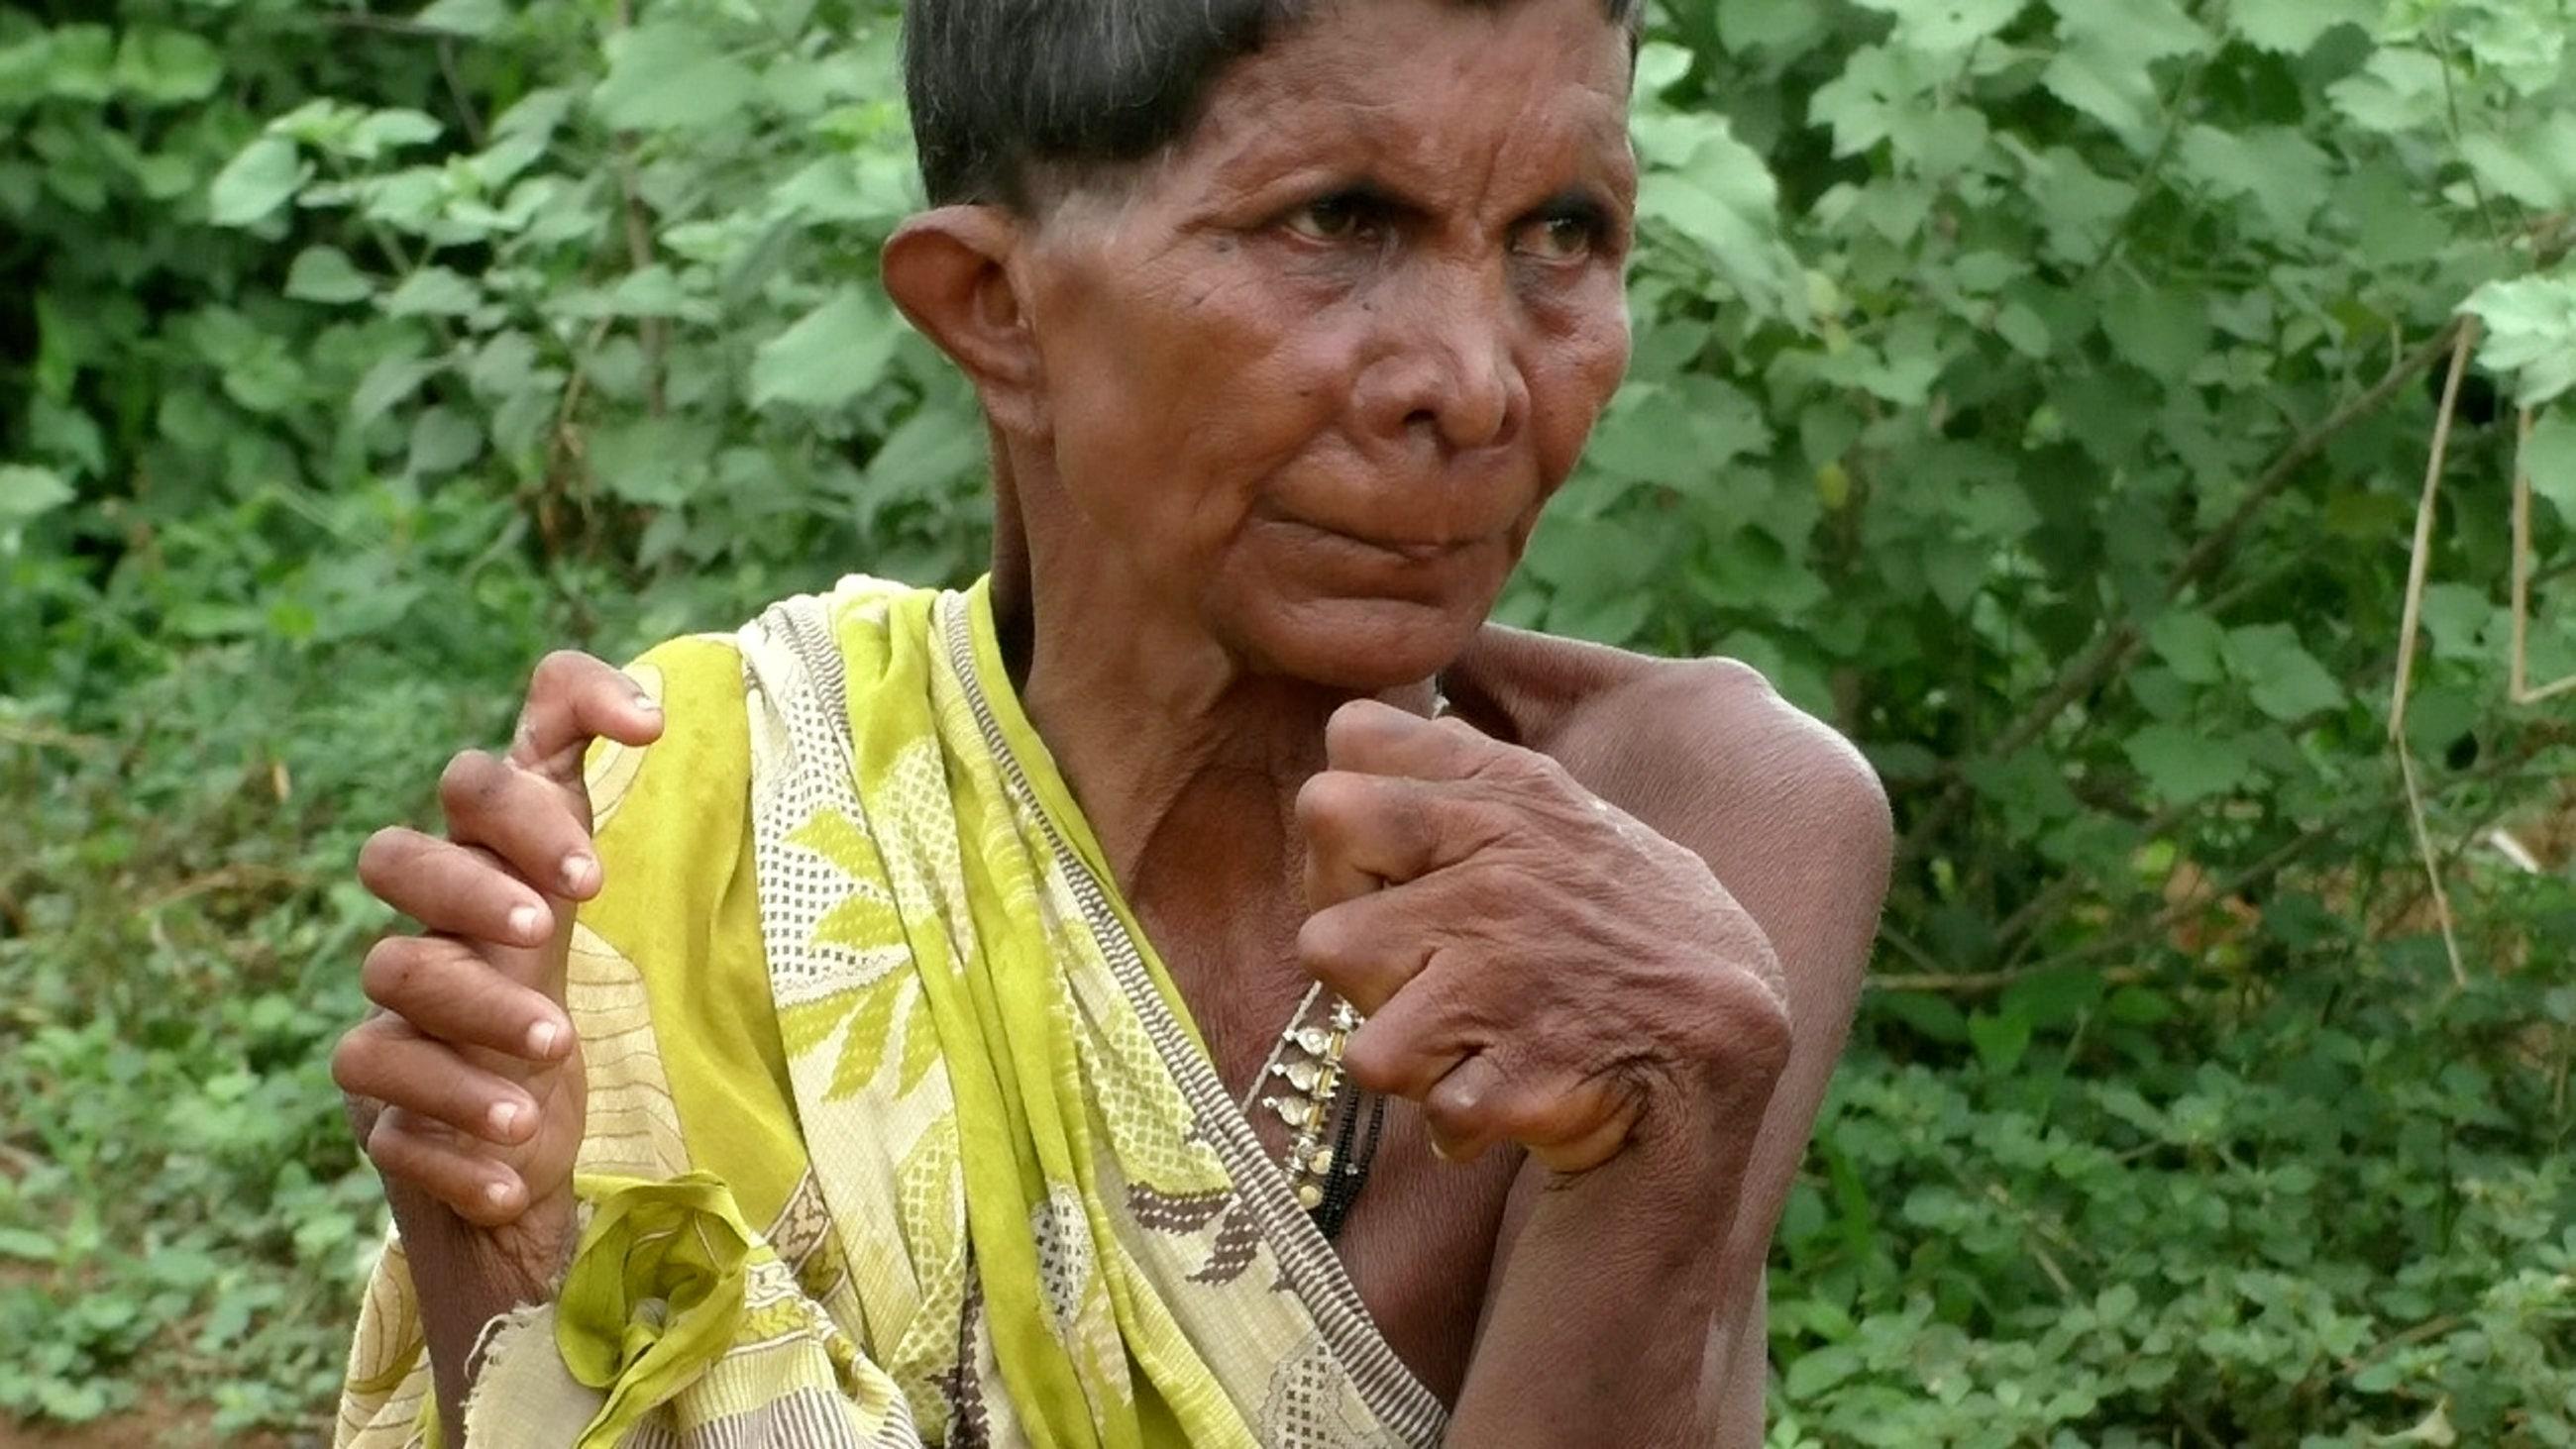 Frau geboren, mit 20 Spitzen, 12 Finger, sagt Nachbarn nennen Sie eine 'Hexe'